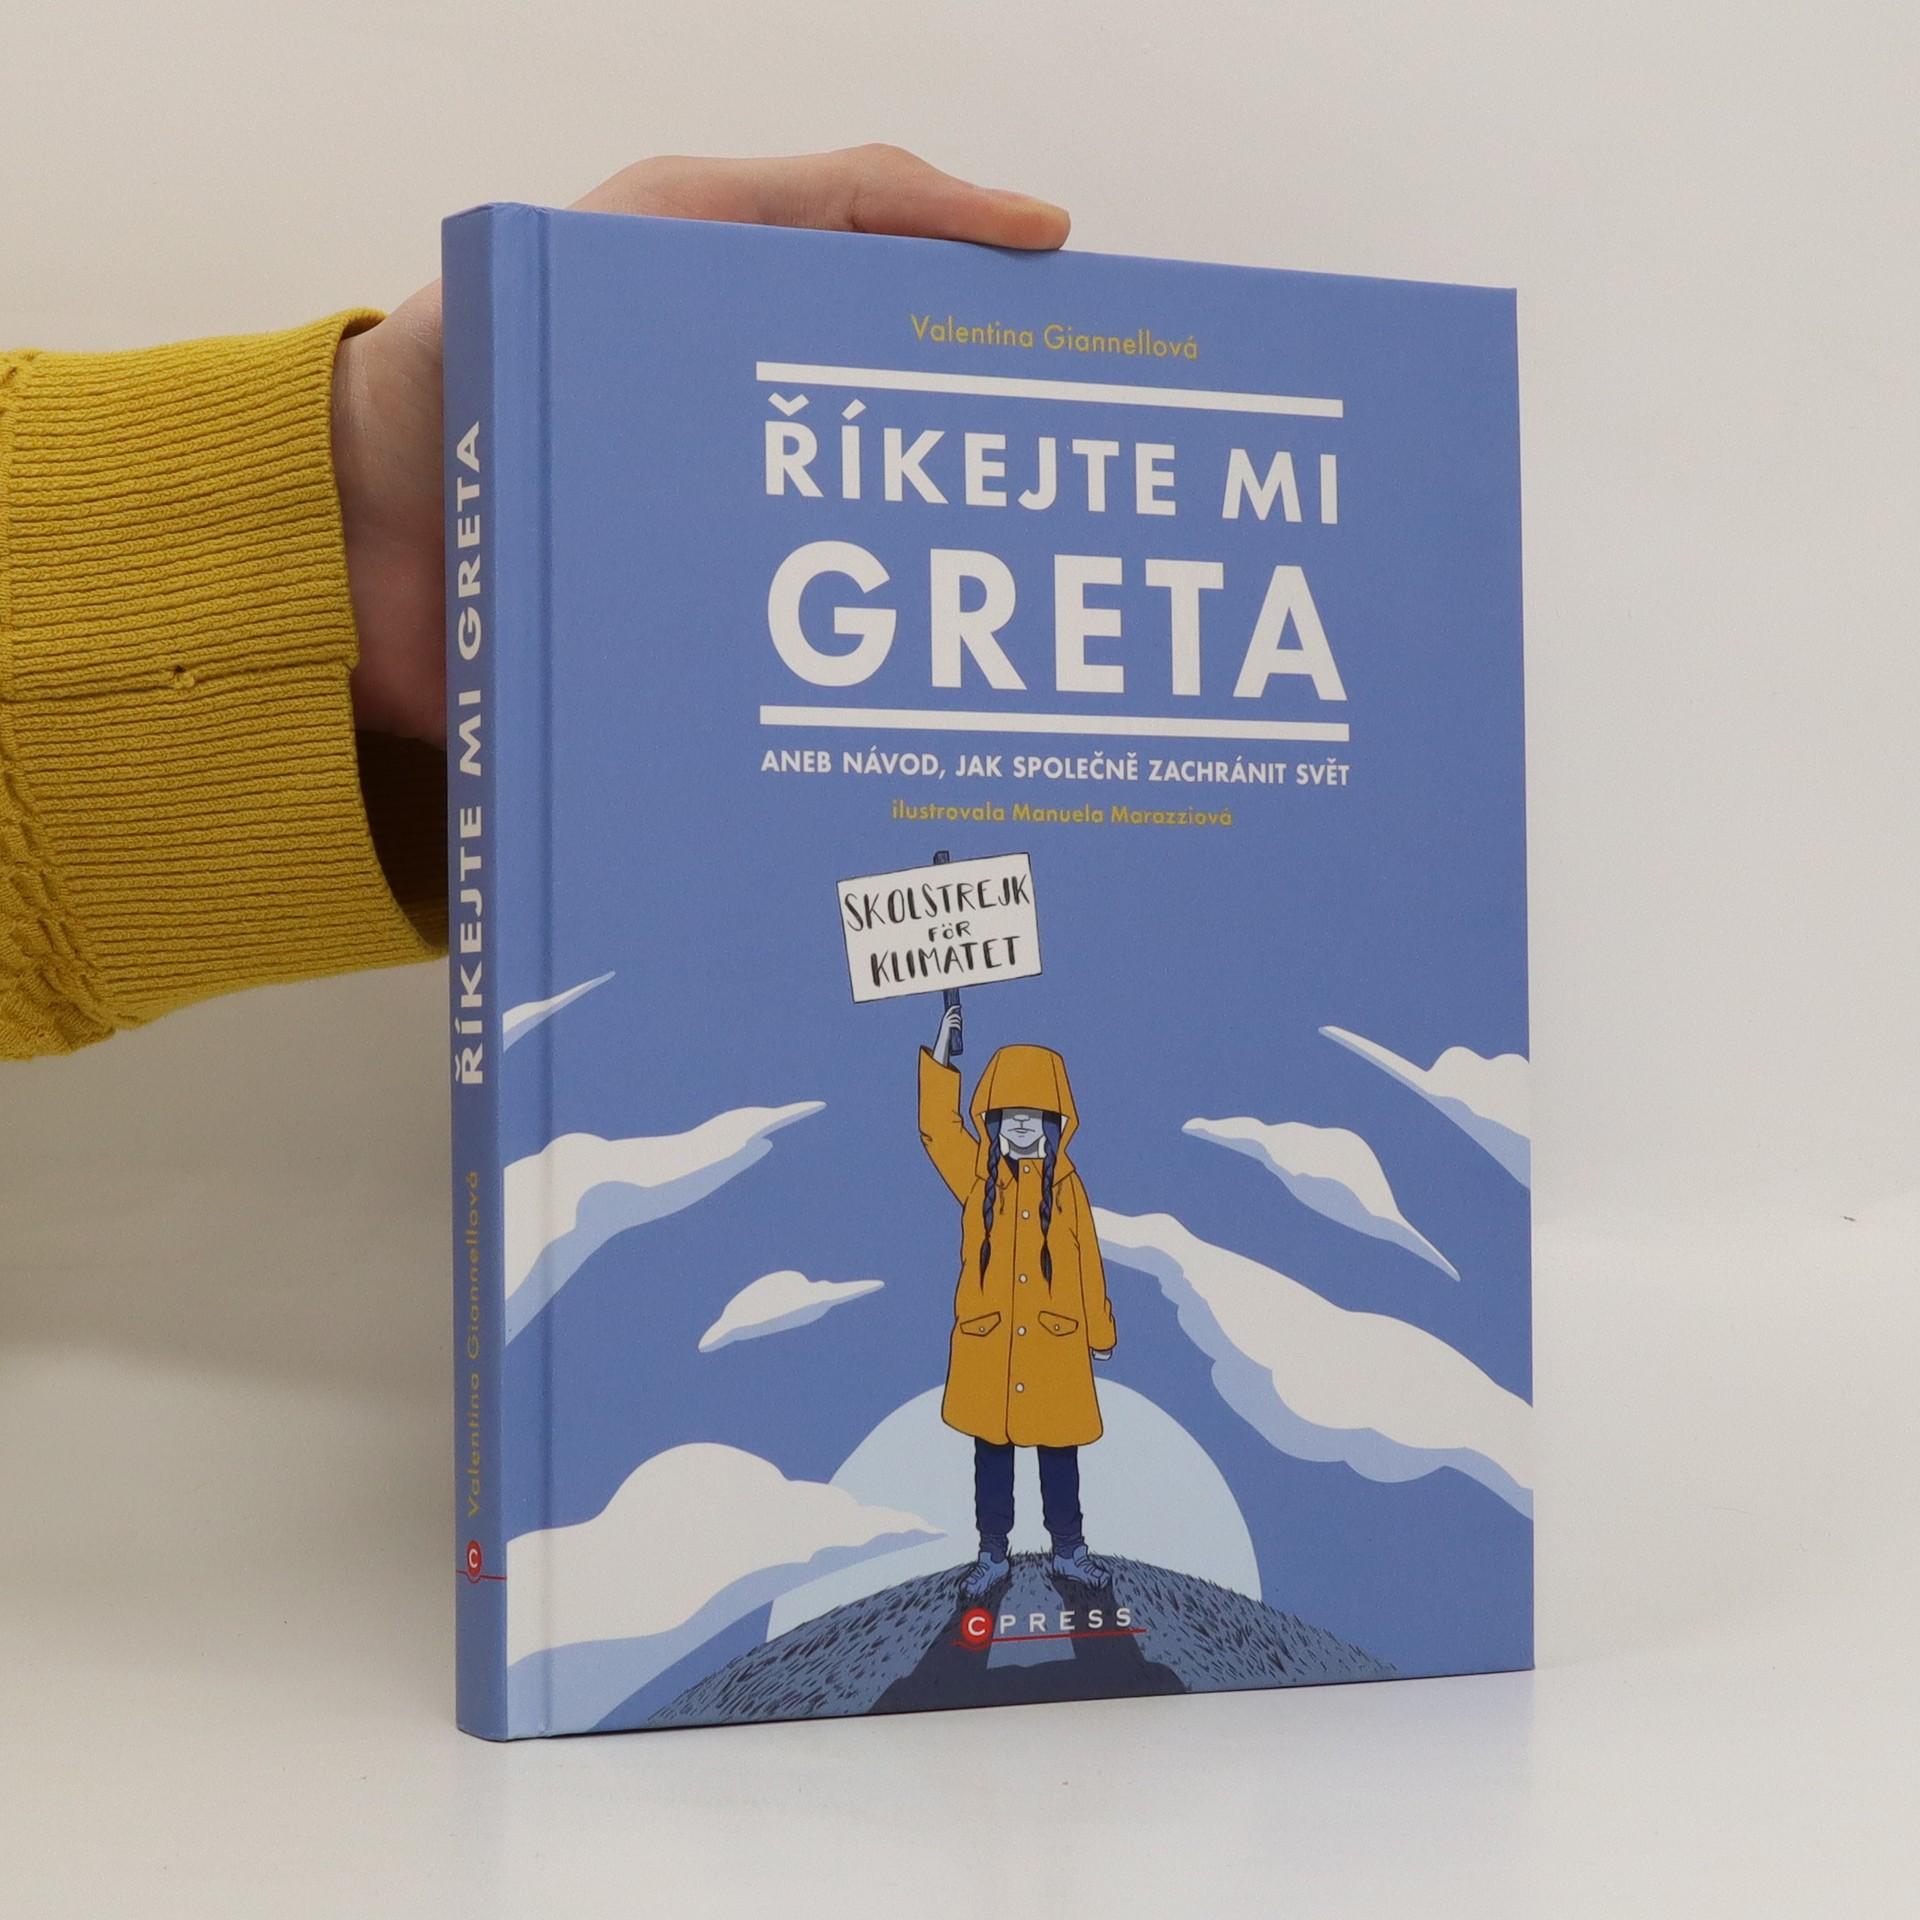 antikvární kniha Říkejte mi Greta, aneb, Návod, jak společně zachránit svět, 2020